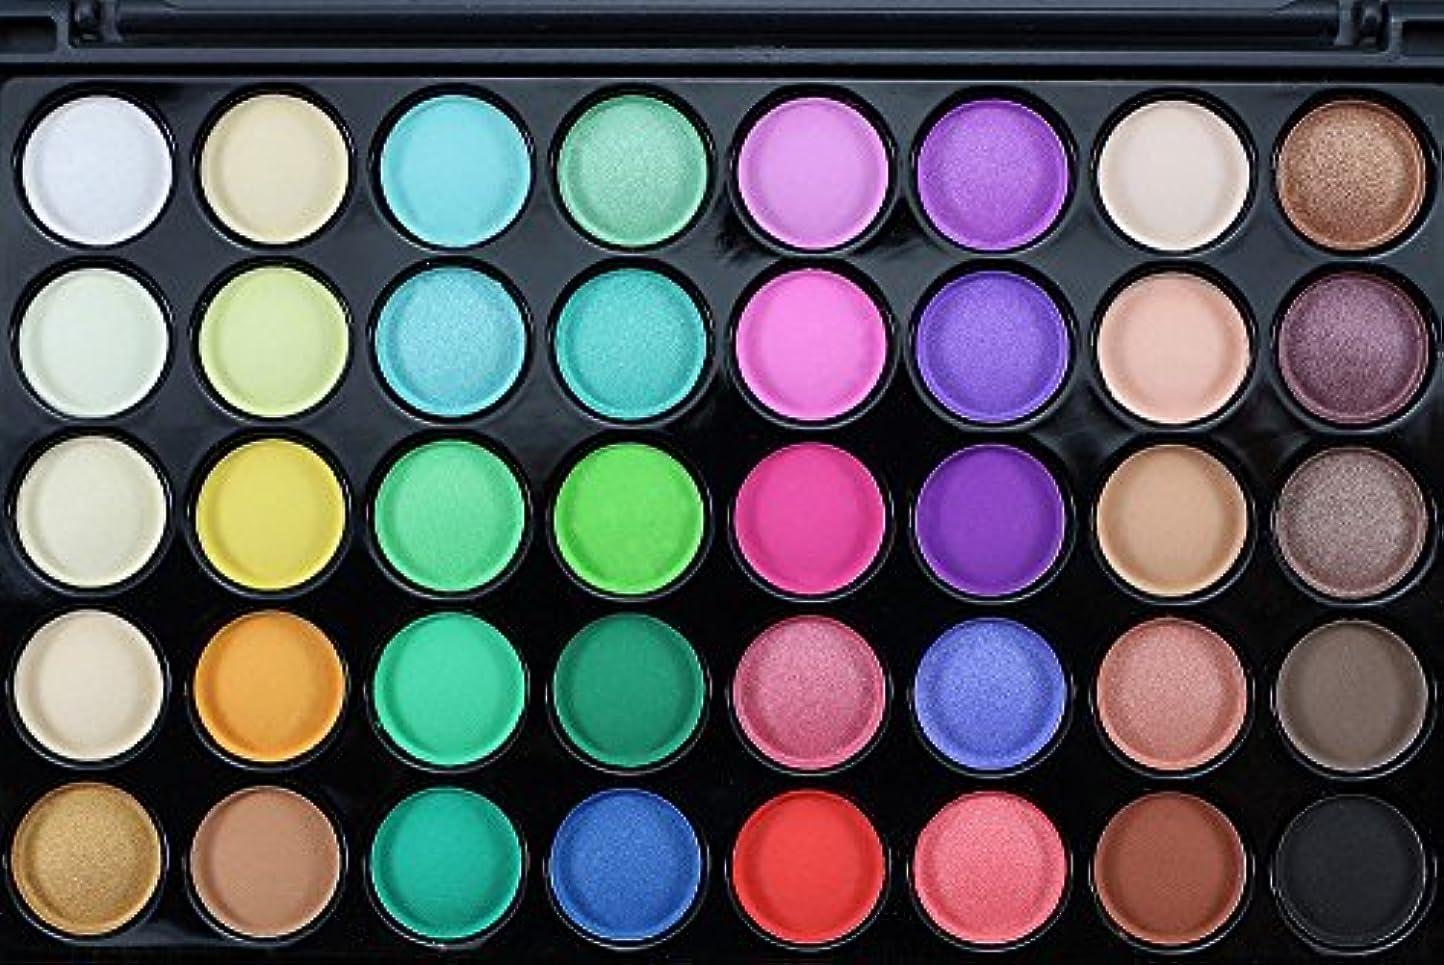 ひばりベンチャーまもなくAkane アイシャドウパレット Popfeel ファッション マット 高級 美しい 魅力的 優雅な クリーム ブラシ付き 綺麗 素敵 持ち便利 日常 Eye Shadow (40色+1本ブラシ)